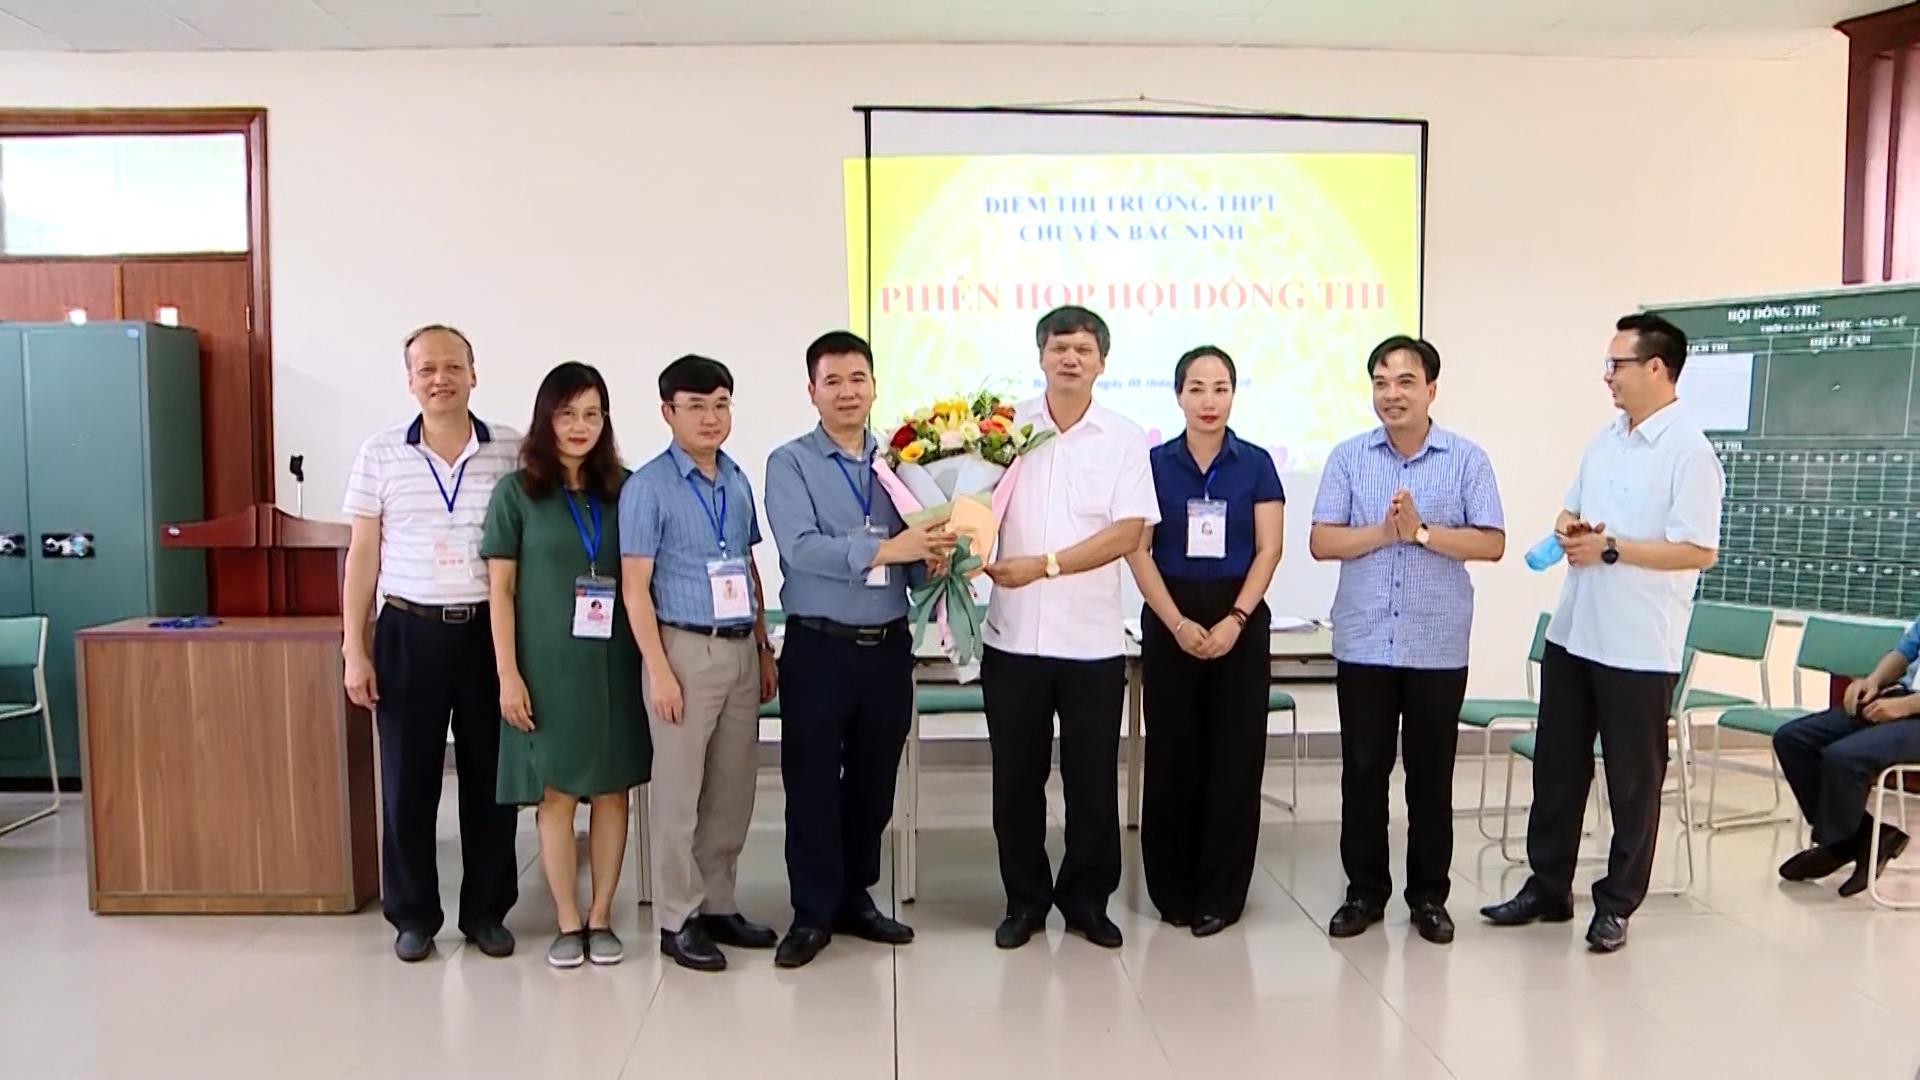 Lãnh đạo thành phố Bắc Ninh thăm, động viên các Hội đồng thi tốt nghiệp THPT